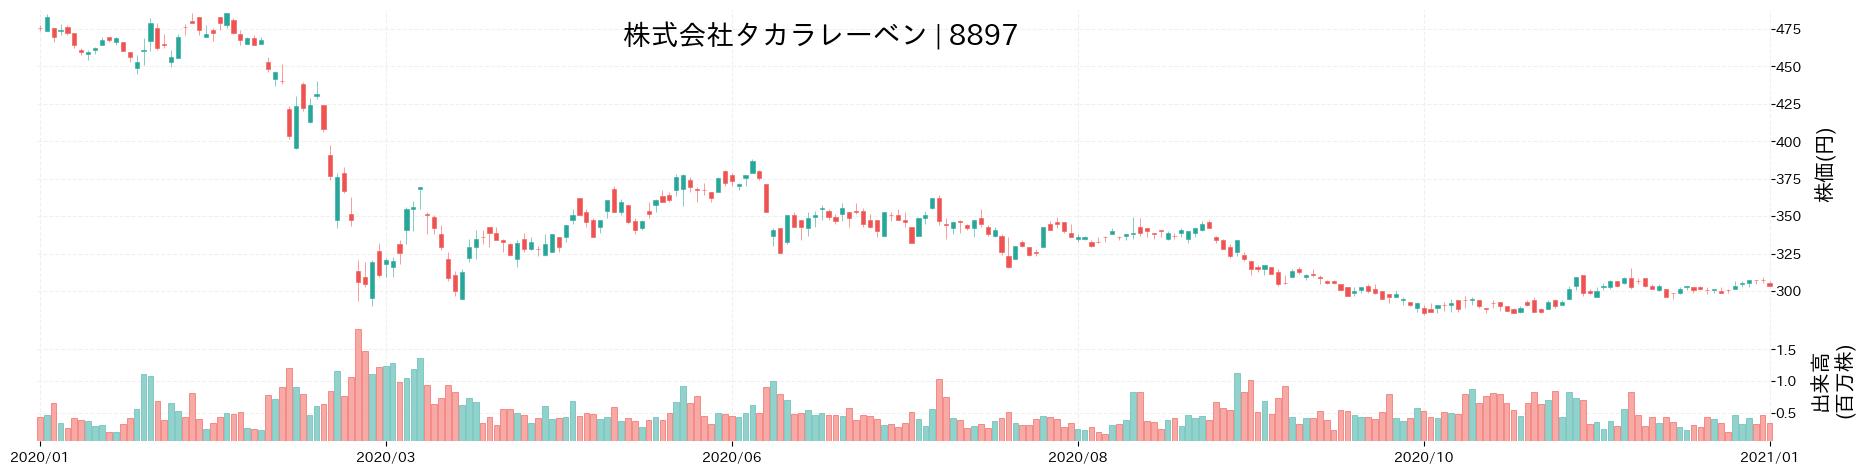 株式会社タカラレーベンの株価推移(2020)